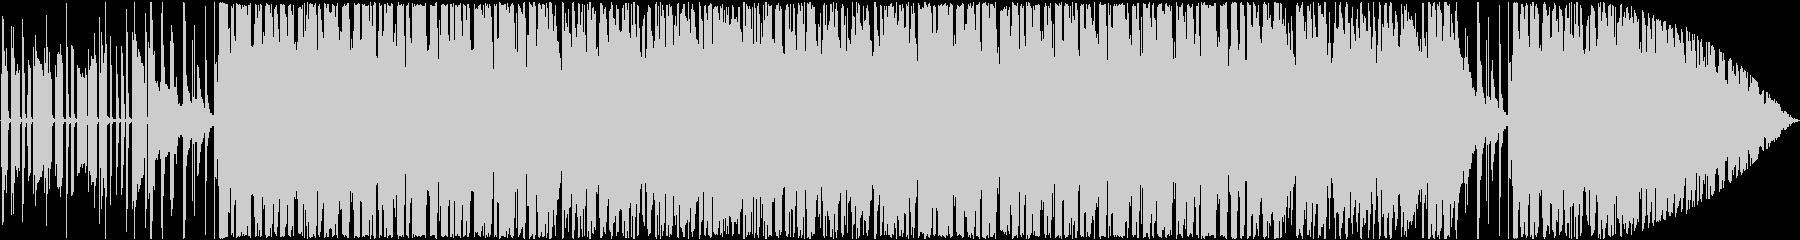 ビブラフォンの音色がエロい速めのJazzの未再生の波形